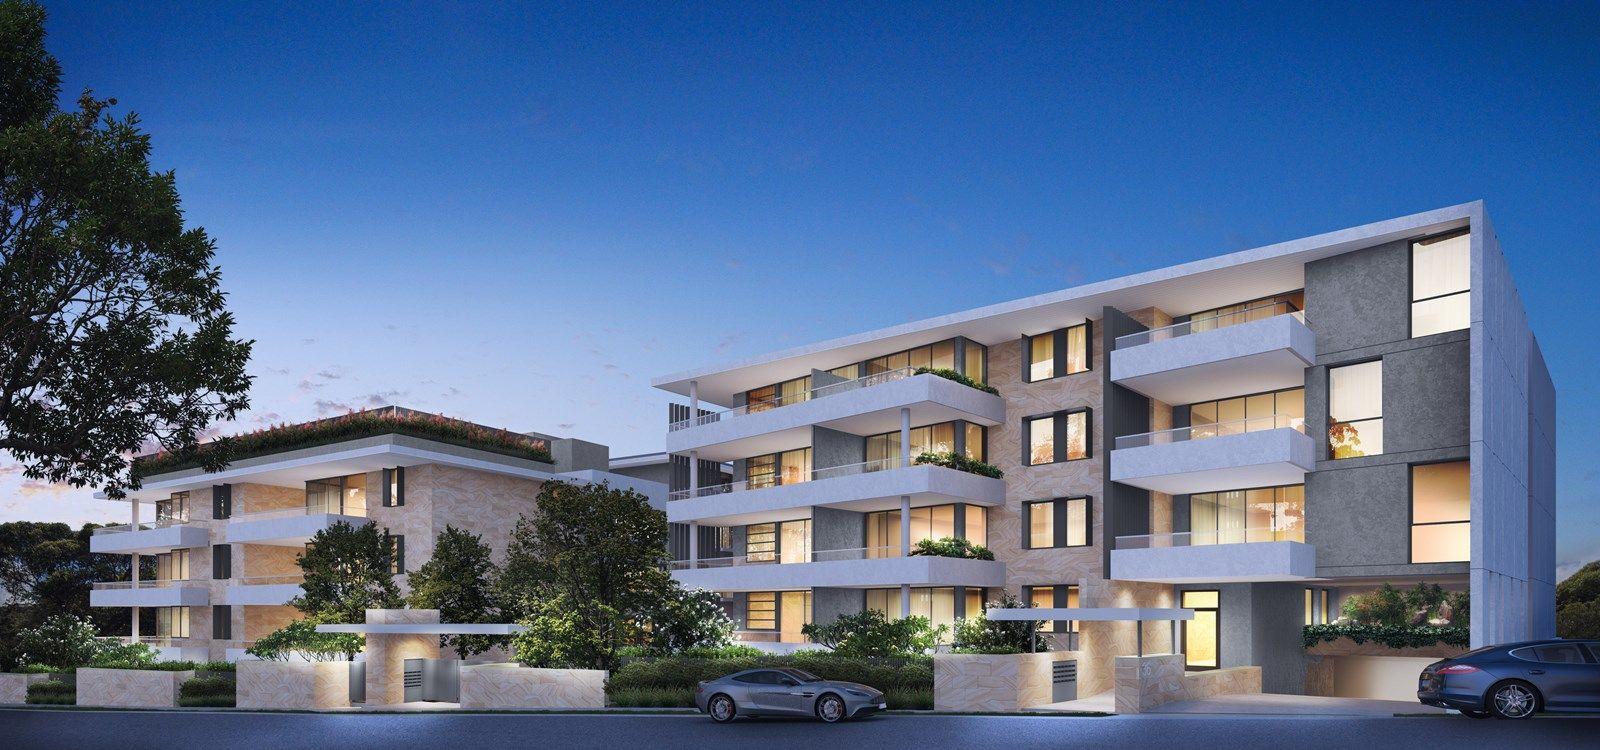 Blakehurst NSW 2221, Image 1